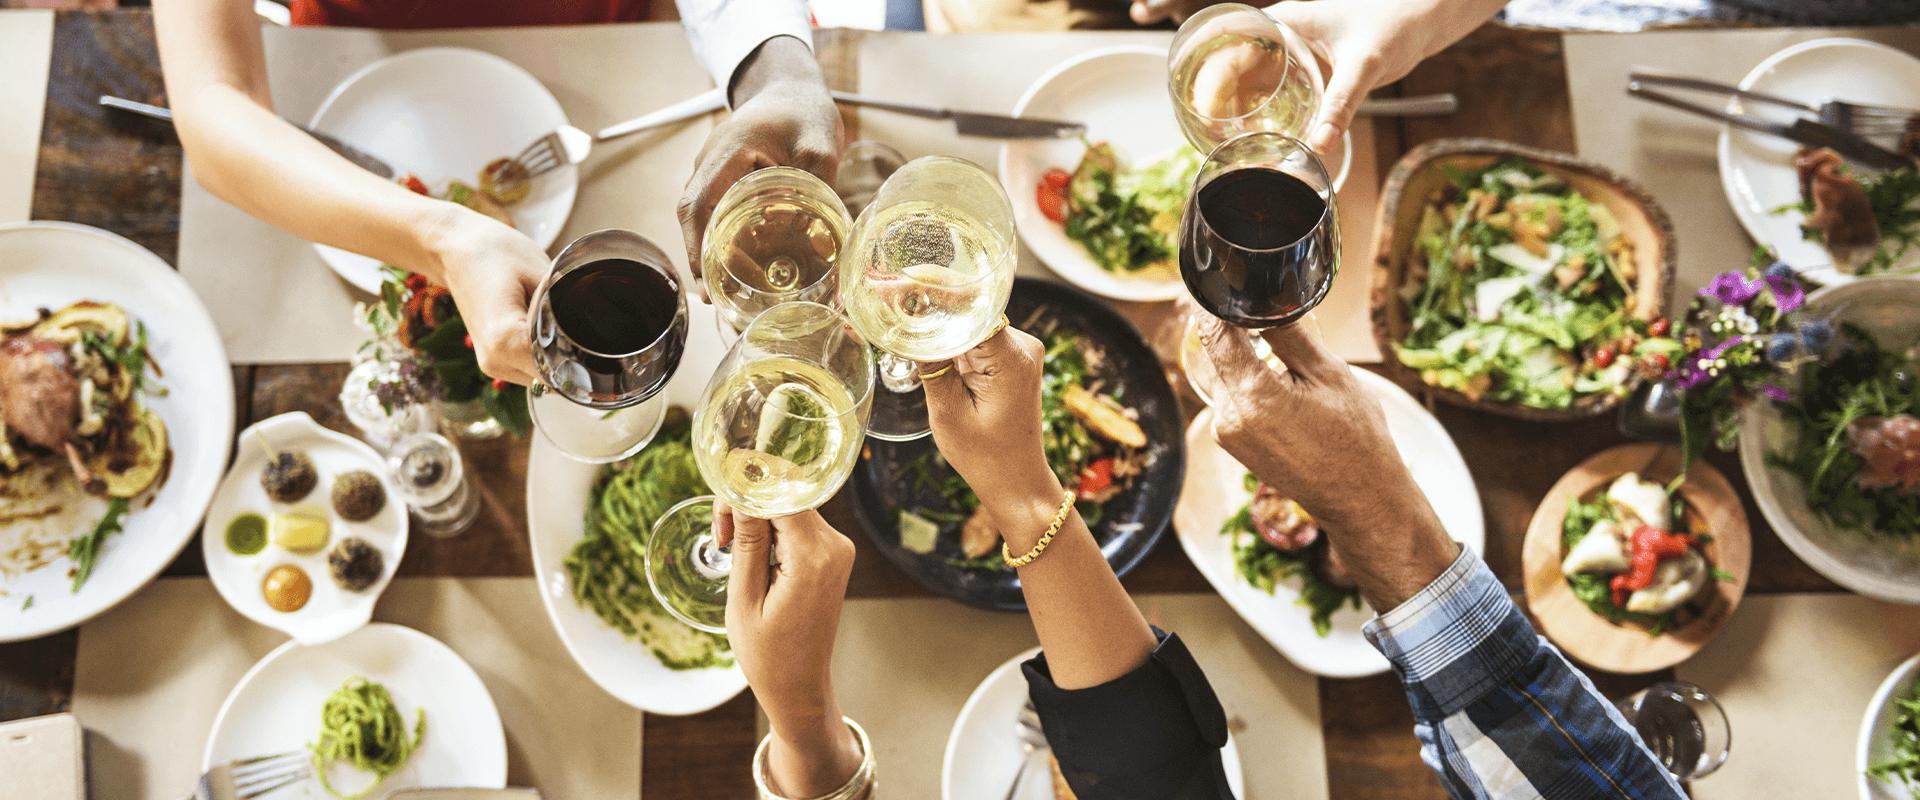 Cinco tips para siempre disfrutar del vino como un experto (¡sin ser experto!)